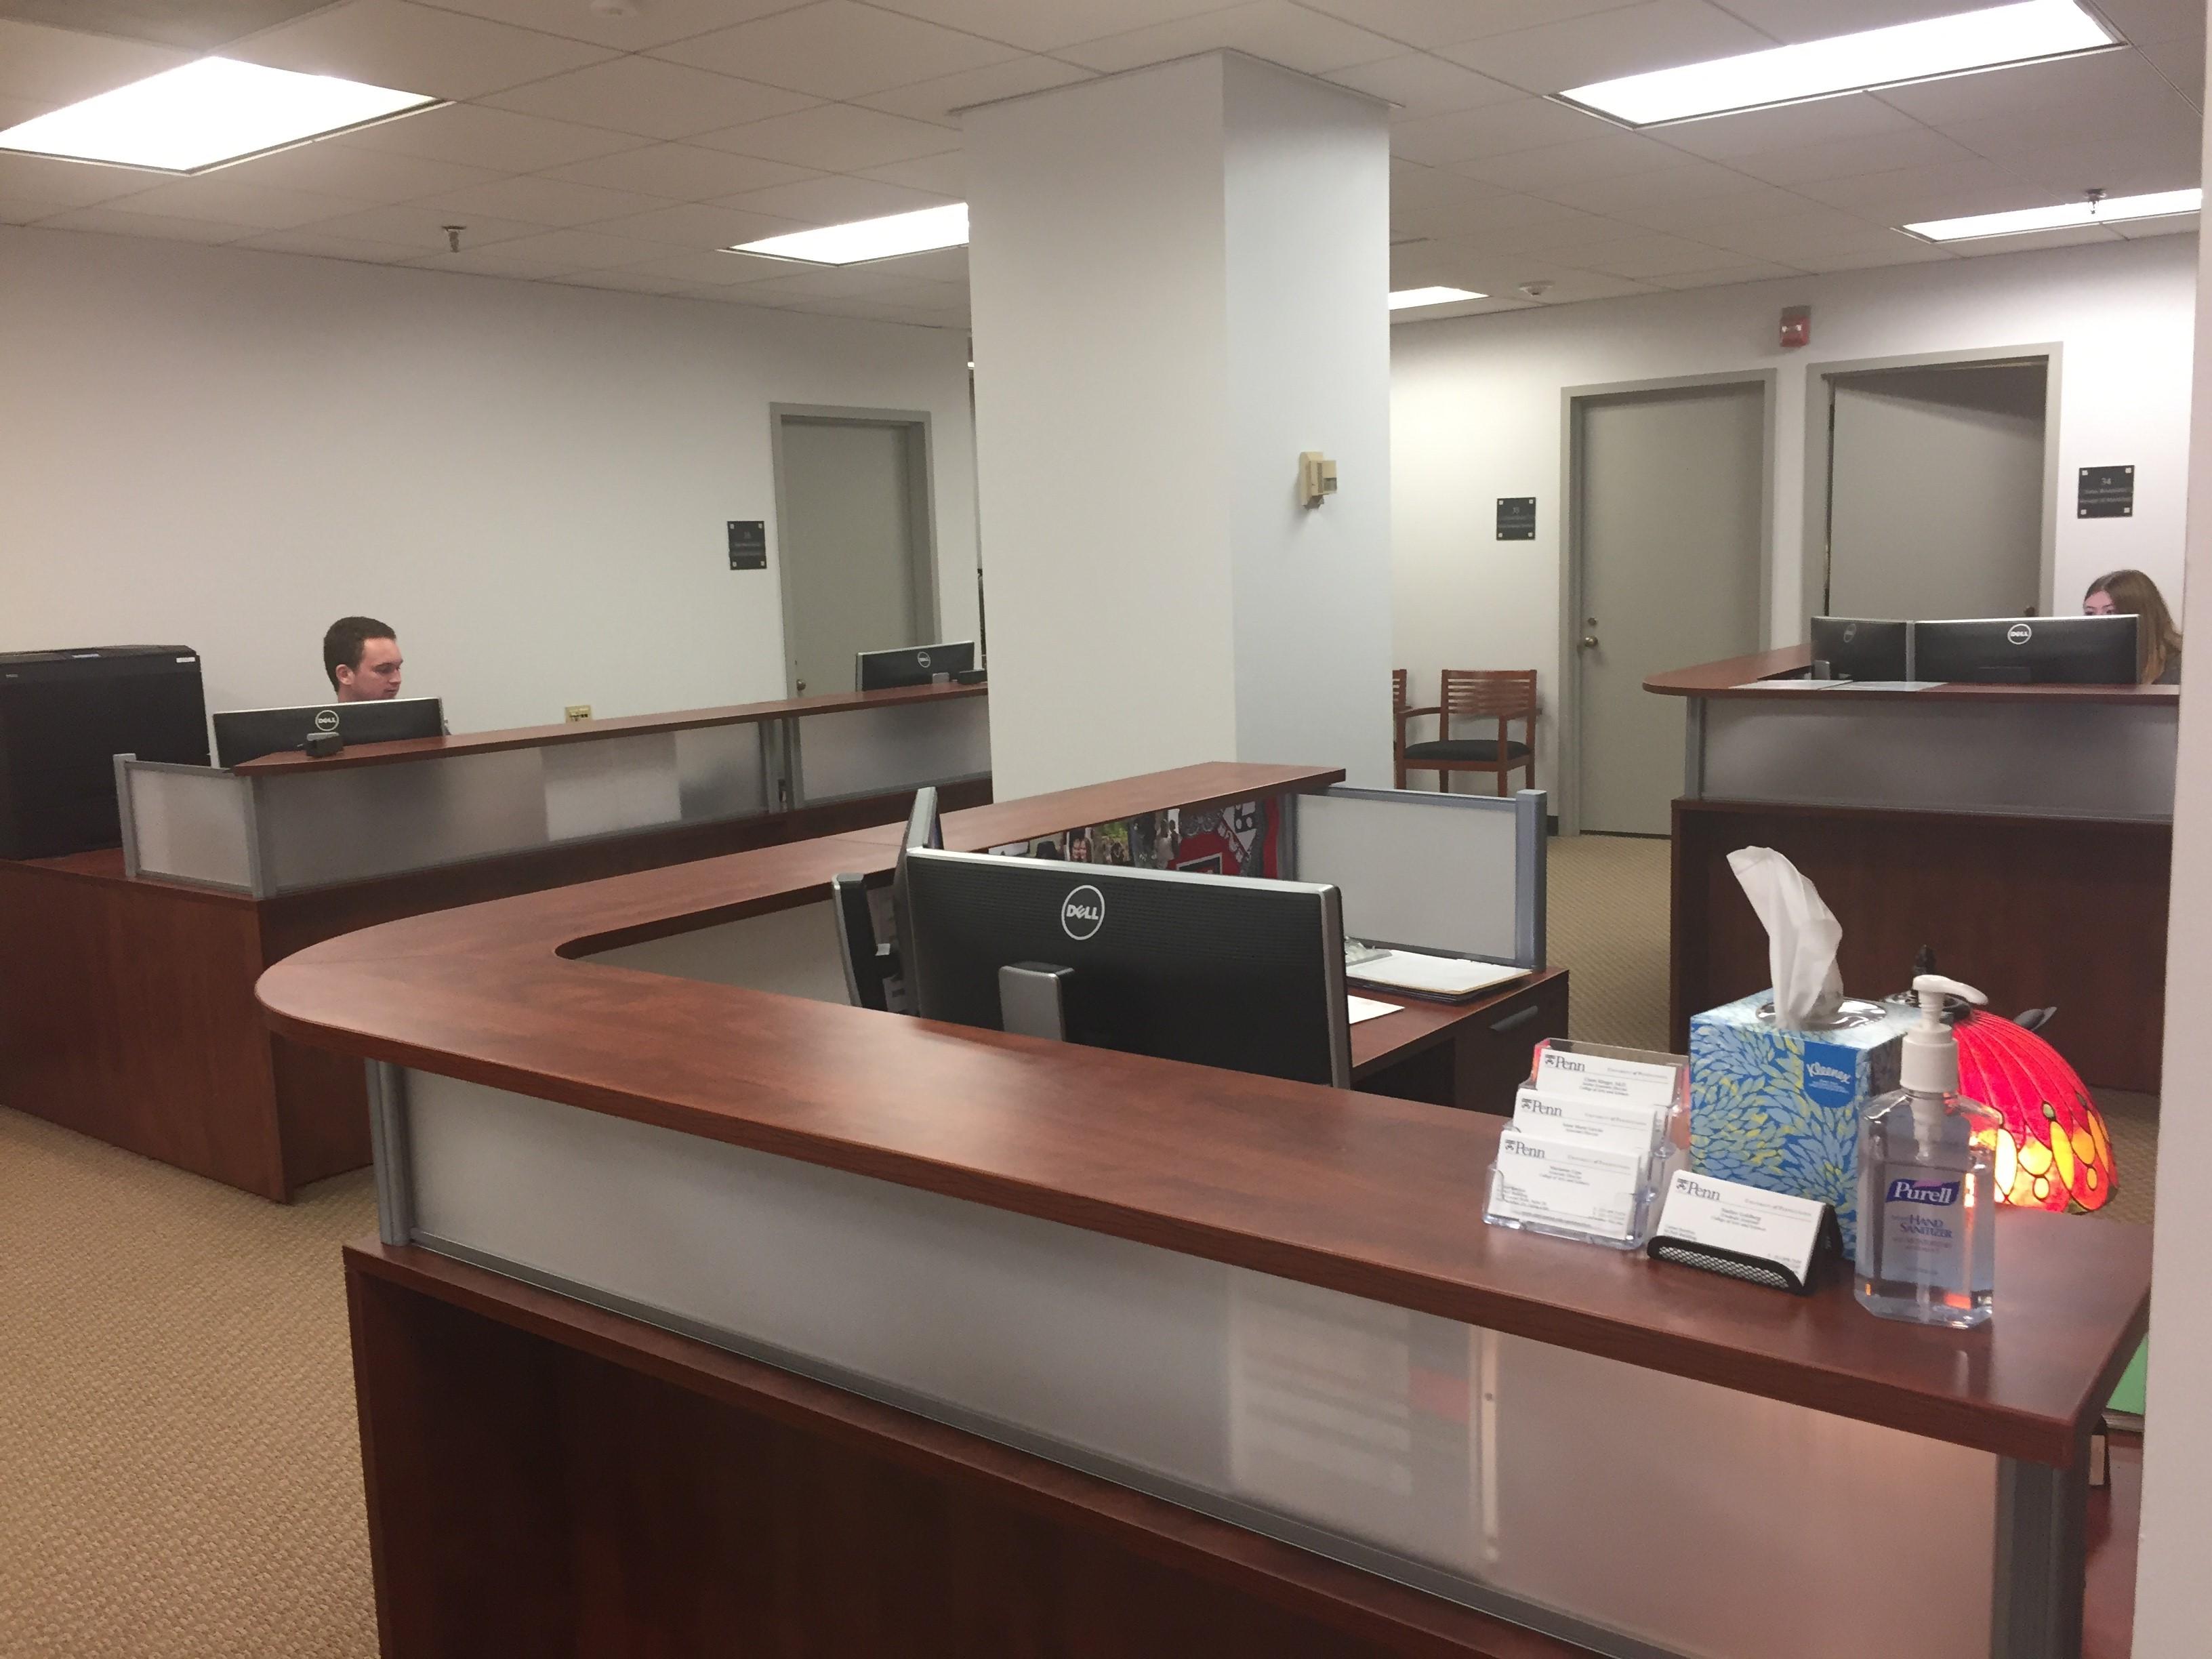 Cover Letter Upenn Career Services At The University Of Pennsylvania Resumes C Jpg CVs Cletter